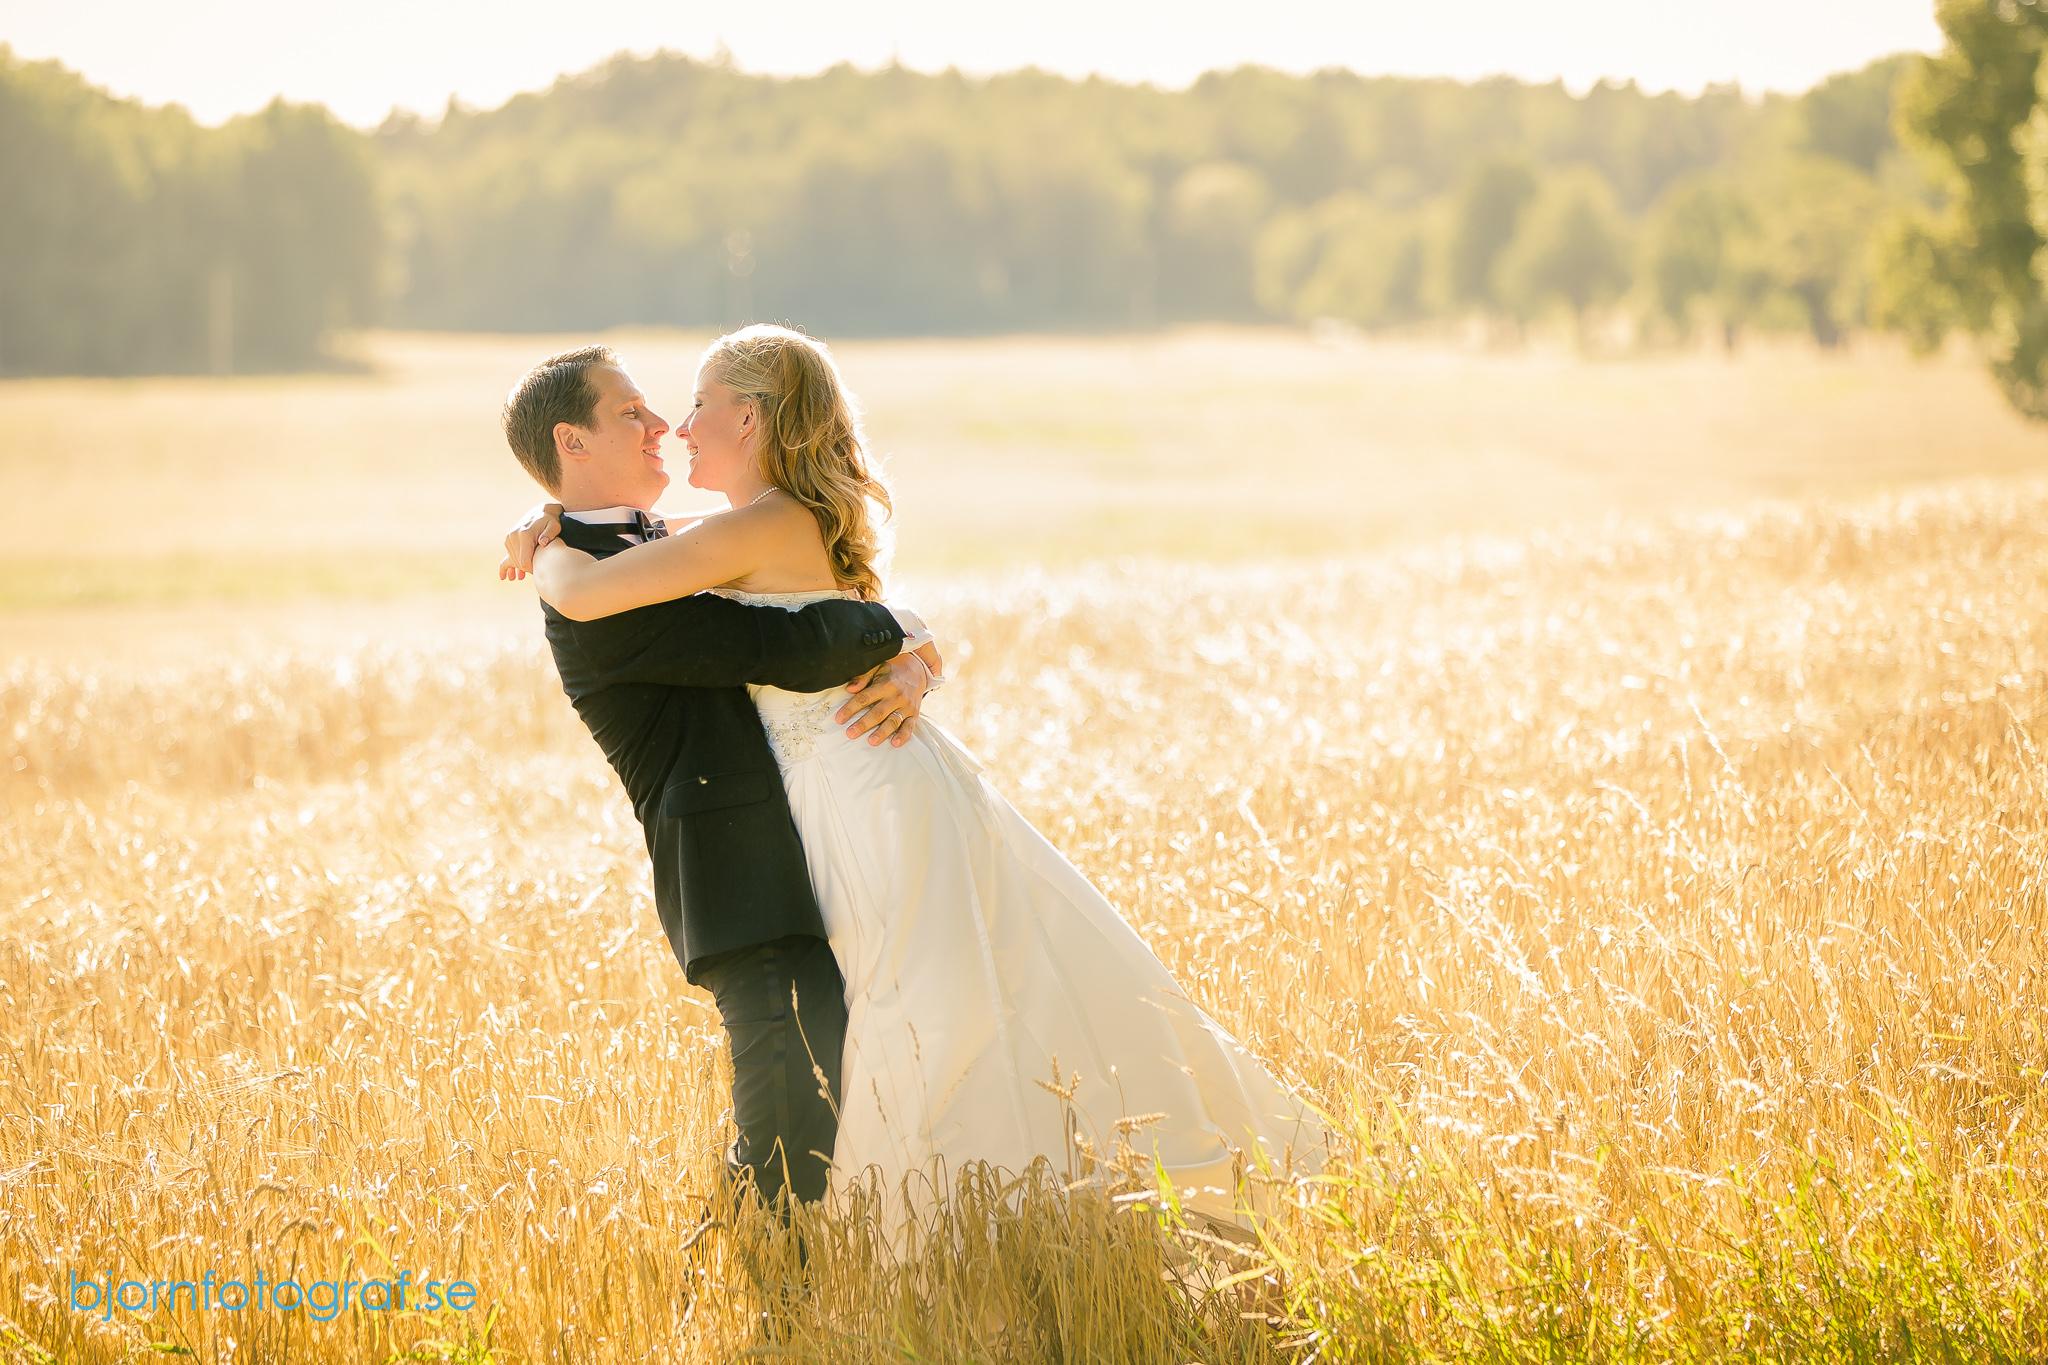 Bröllopsromantik